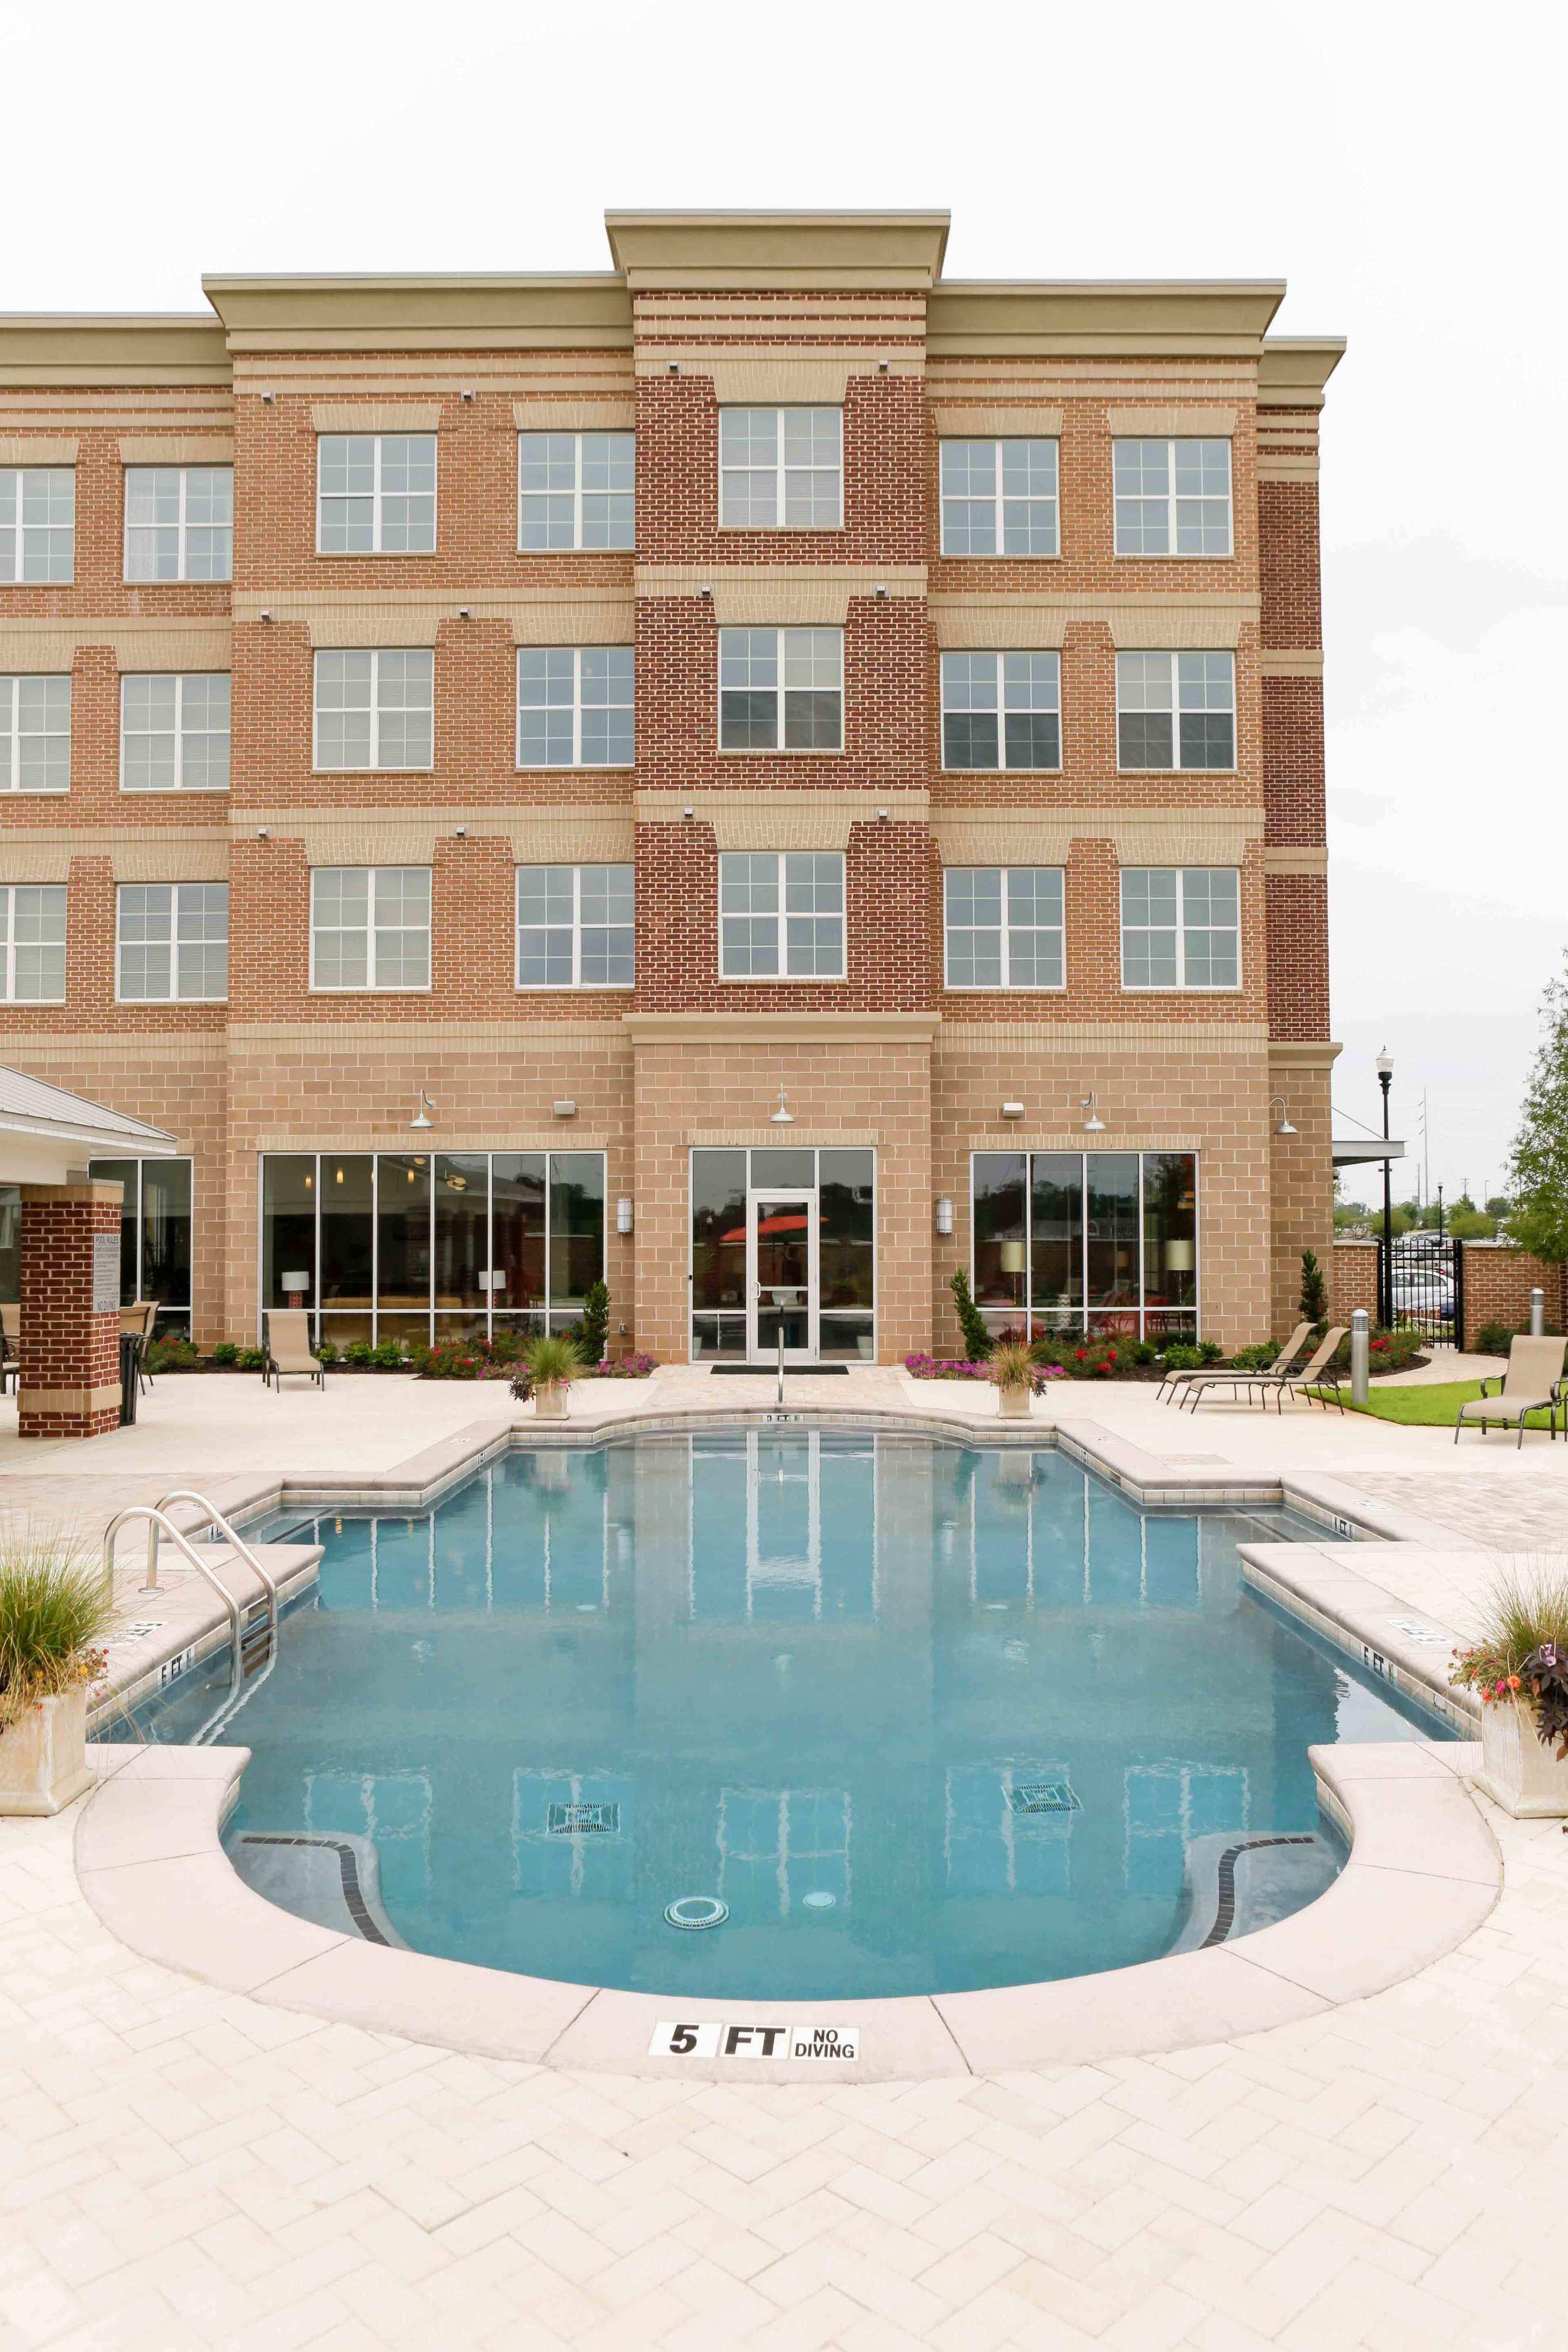 Pool in Macon GA